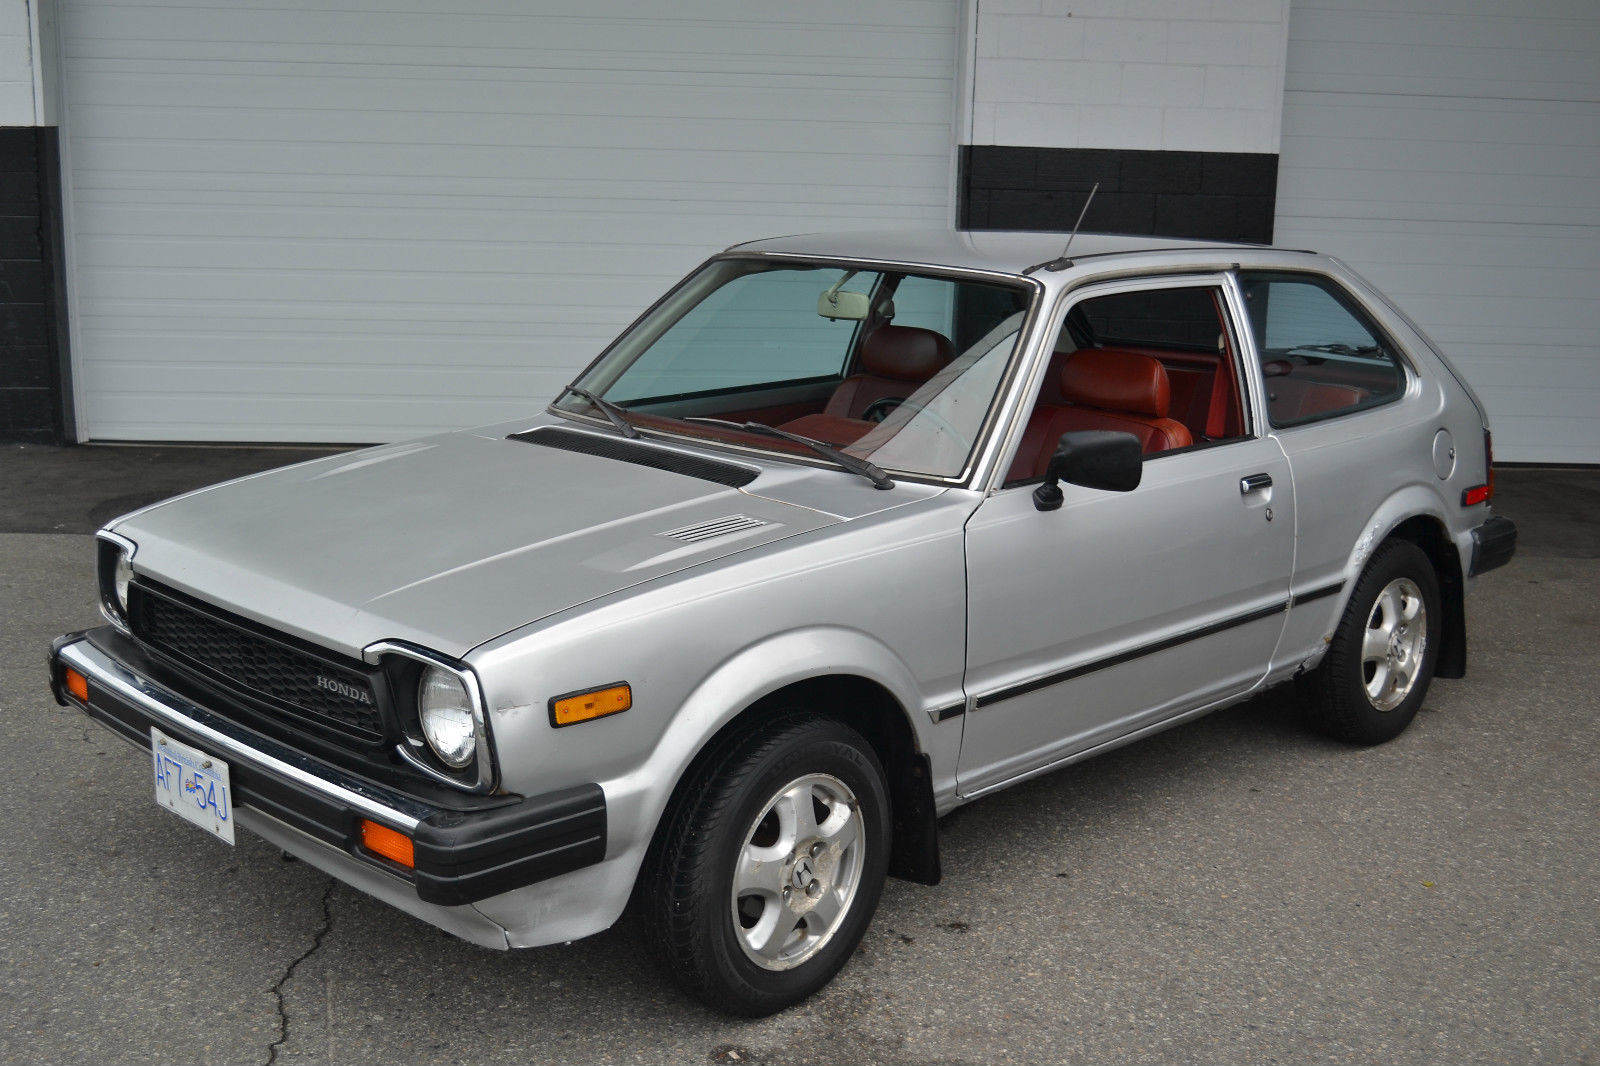 Honda Civic Japanese For Sale